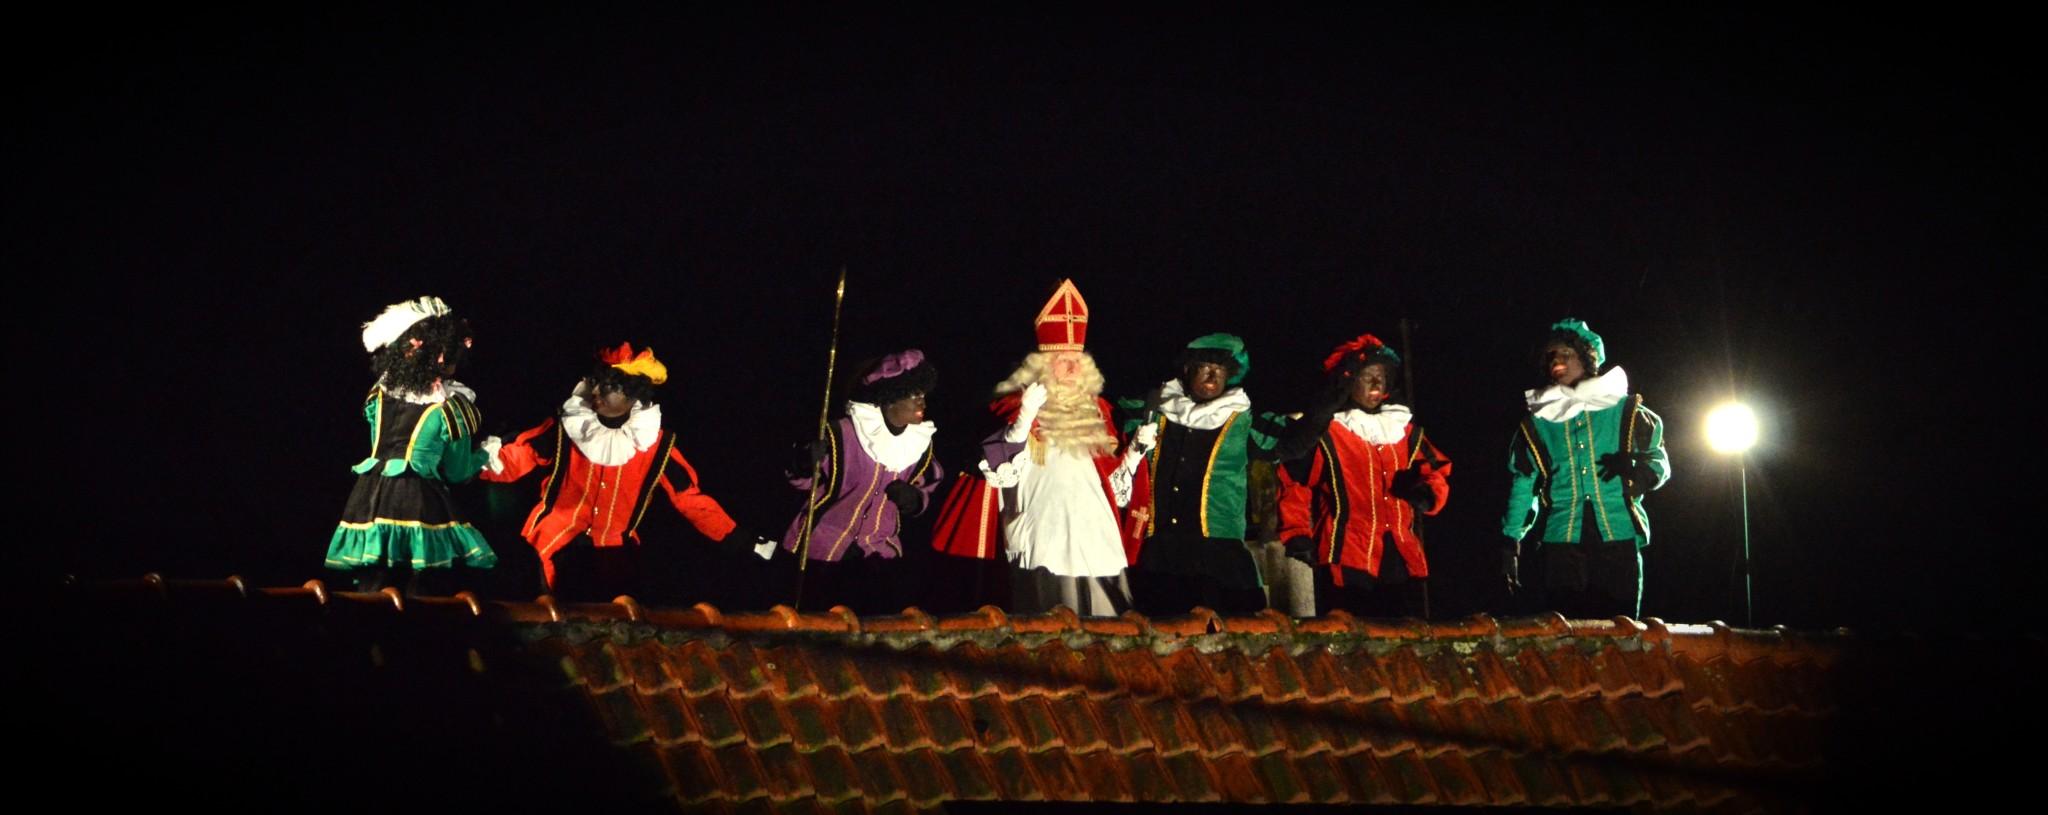 Sinterklaas op het dak zaterdag 25 november a.s.